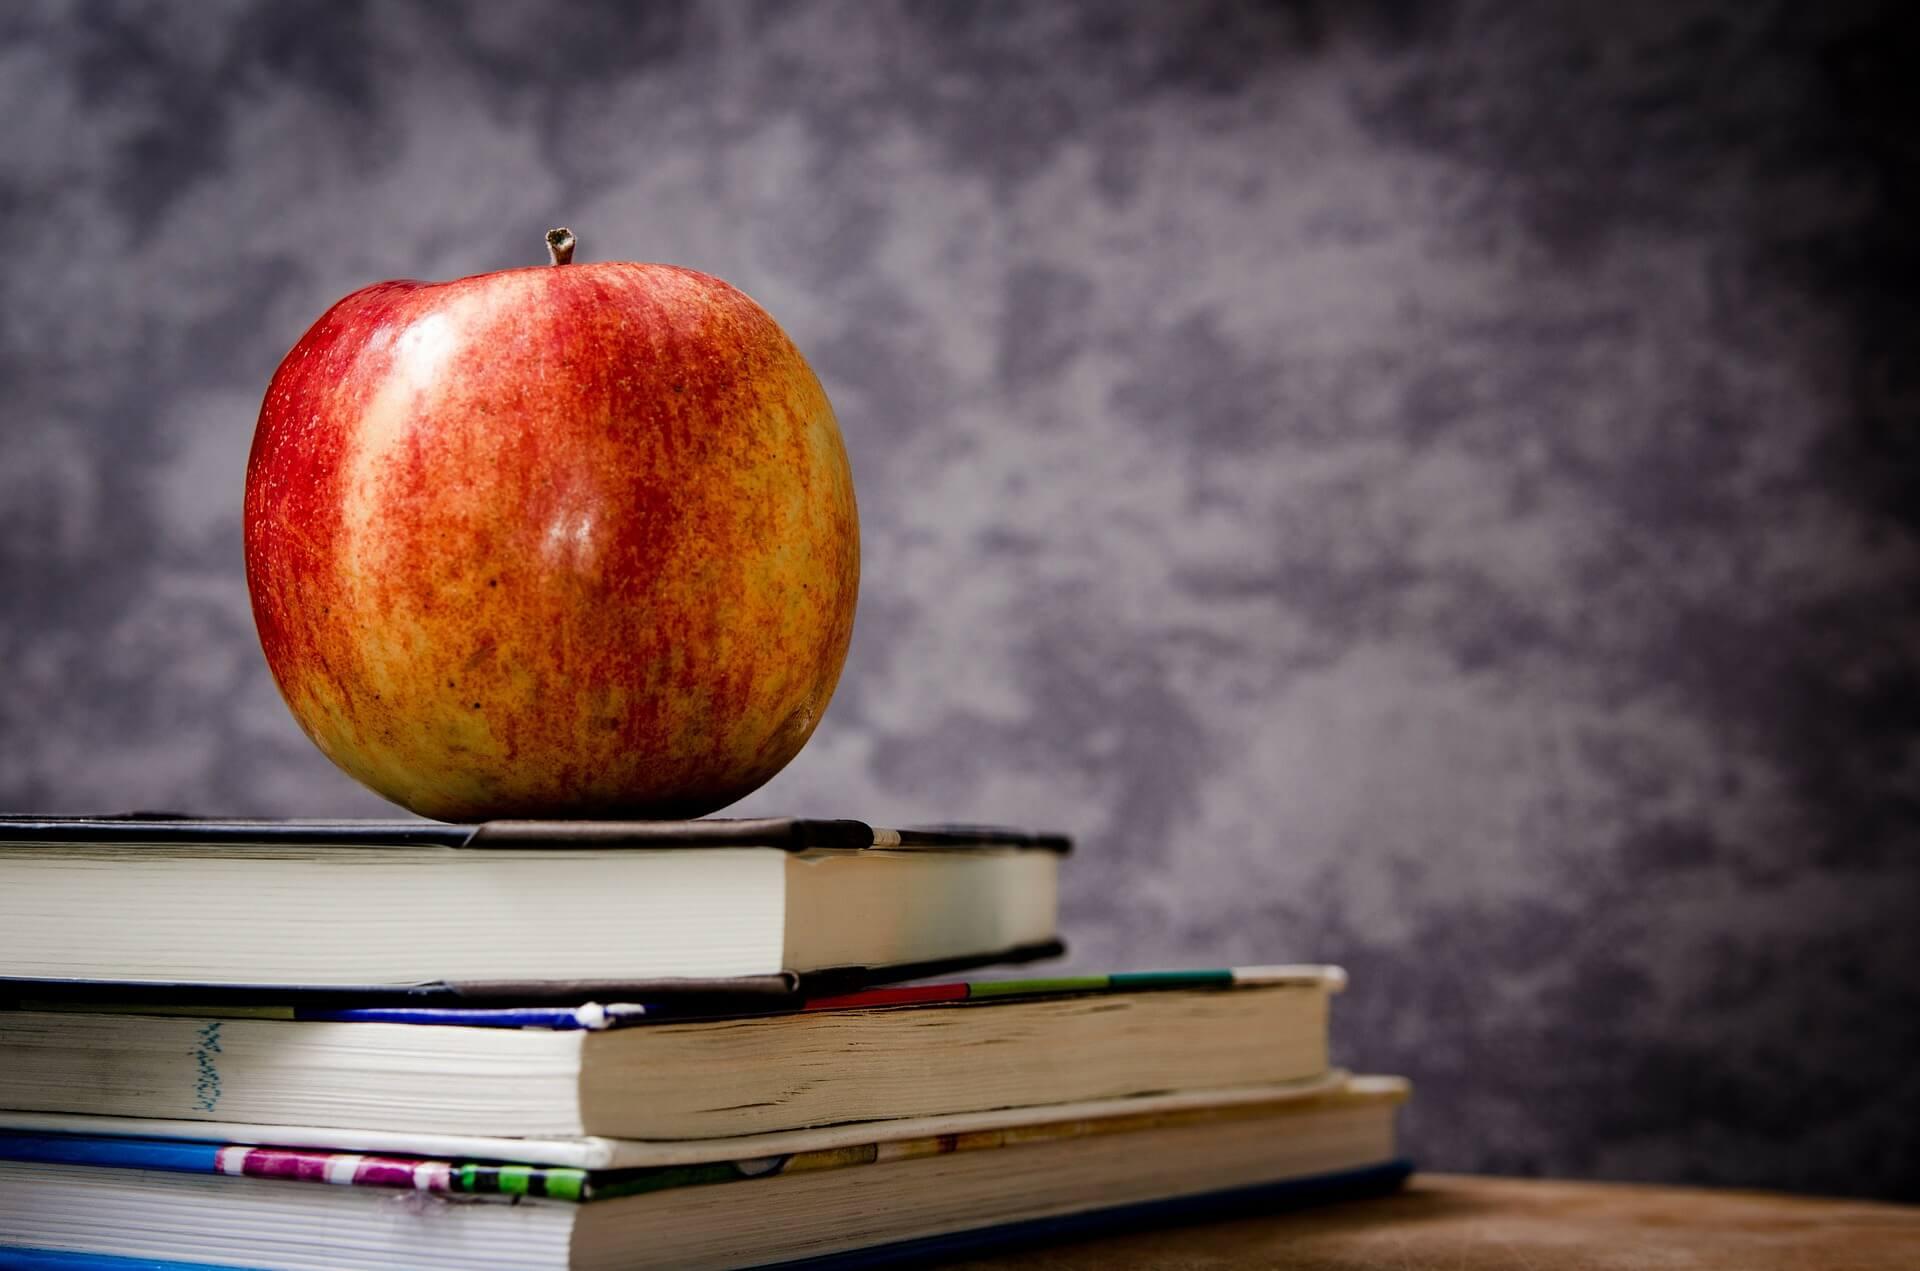 Прикарпатські навчальні заклади отримують більше фінансування, ніж у попередні роки (відео)